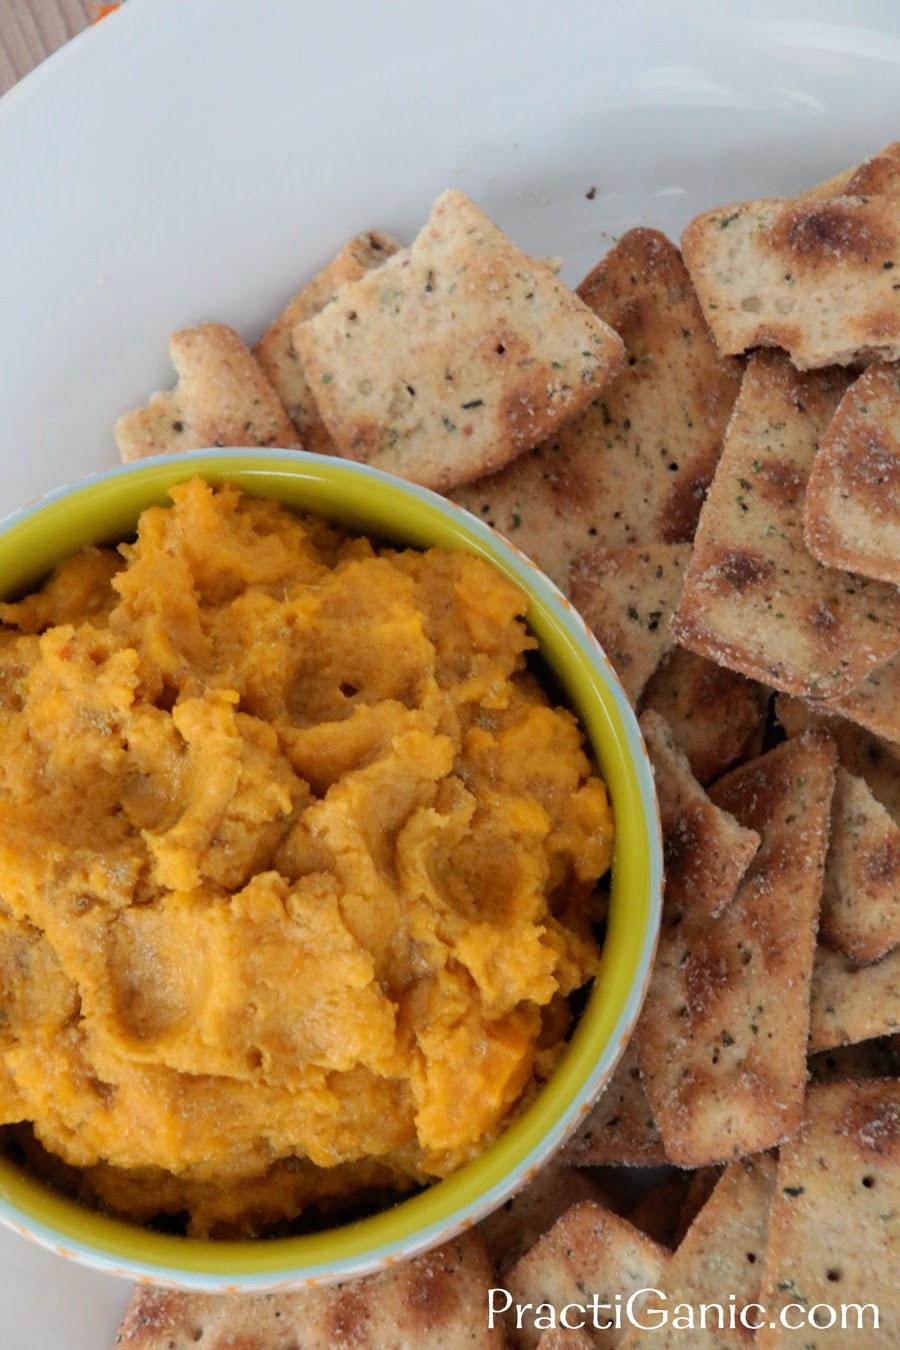 Vegan Butternut Squash & Rosemary Tahini Dip